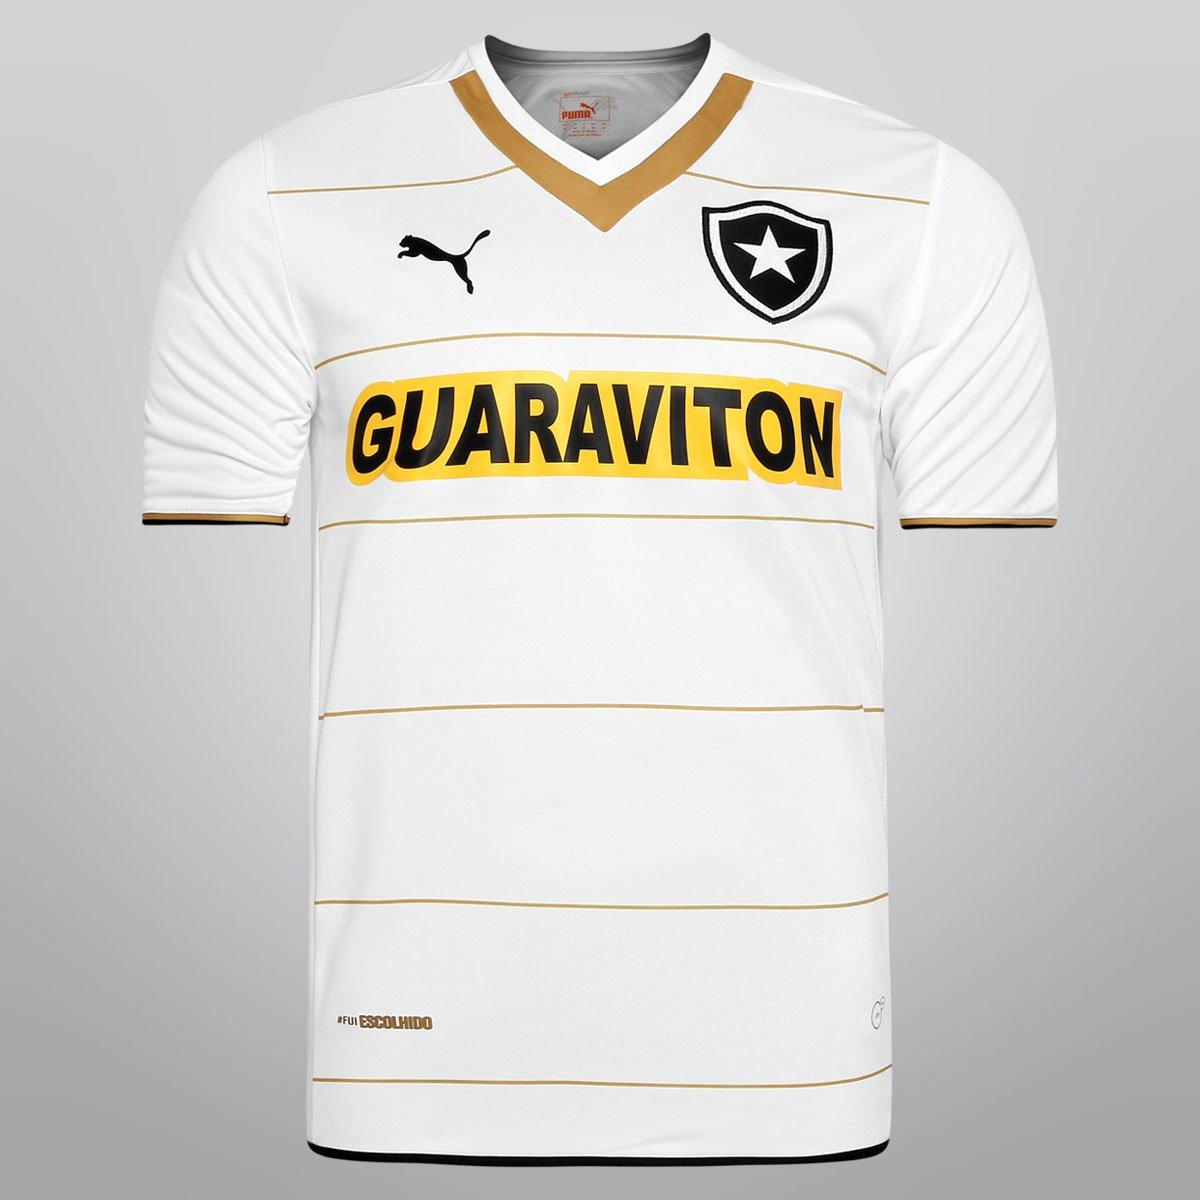 Camisa Puma Botafogo III 2014 s nº - Compre Agora  6f0fc3106c579